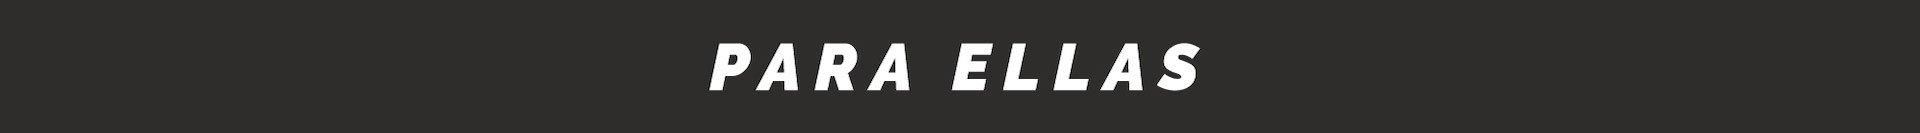 02-PARA-ELLAS-SEPARADOR-